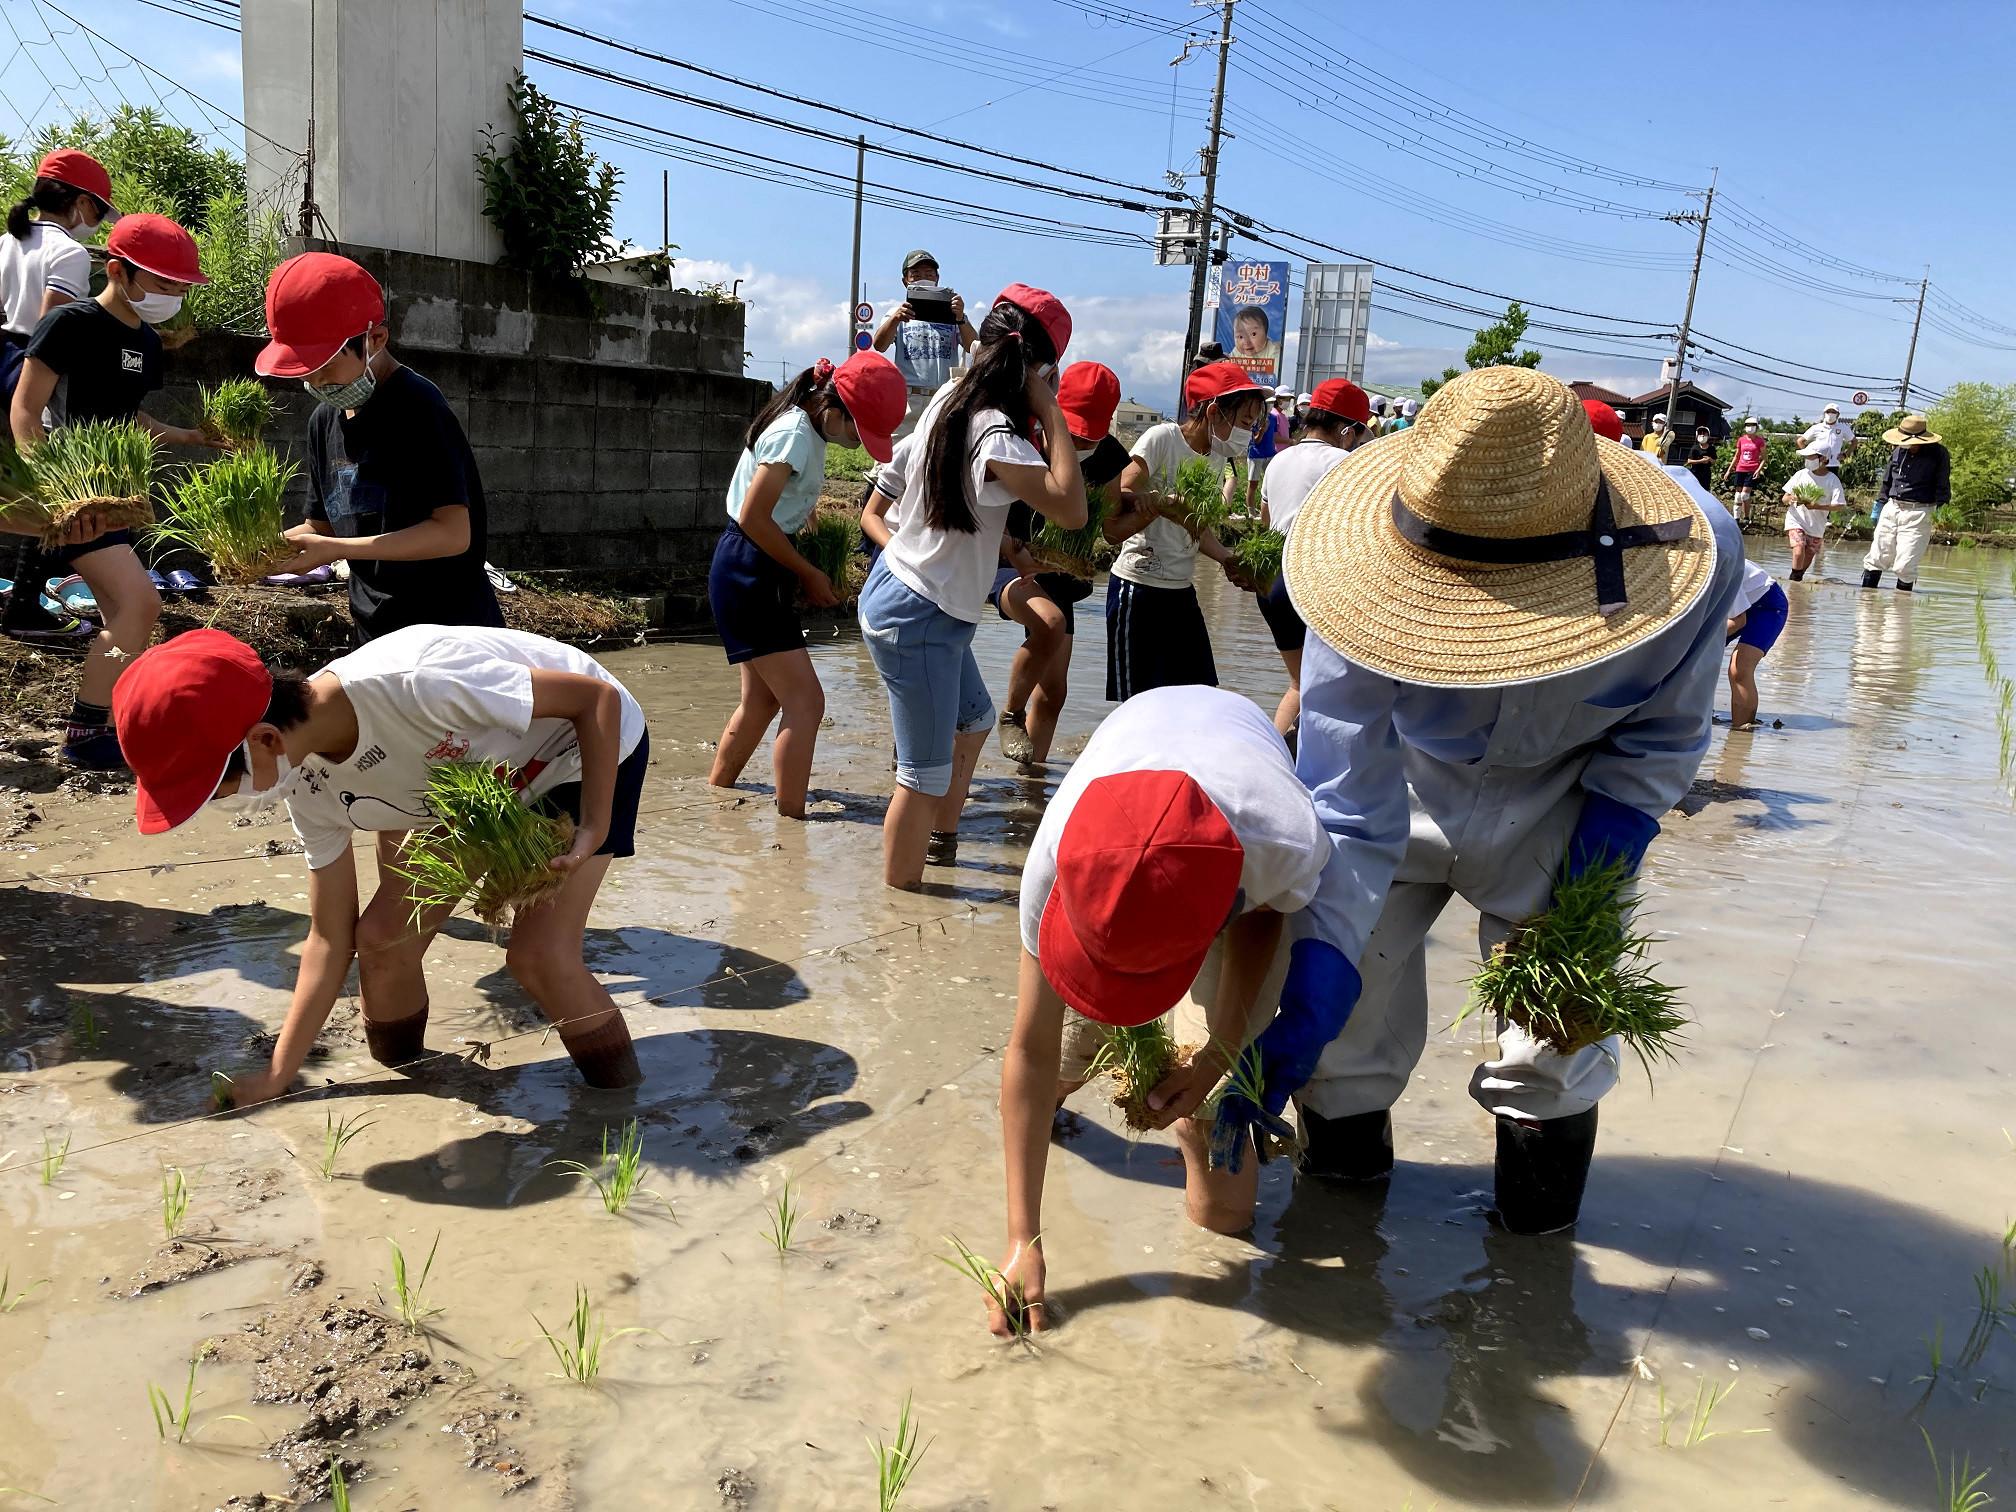 始めて靴下だけで泥の田んぼに入る子供たちと苗の差し方を教える釜谷池協議会の役員さん